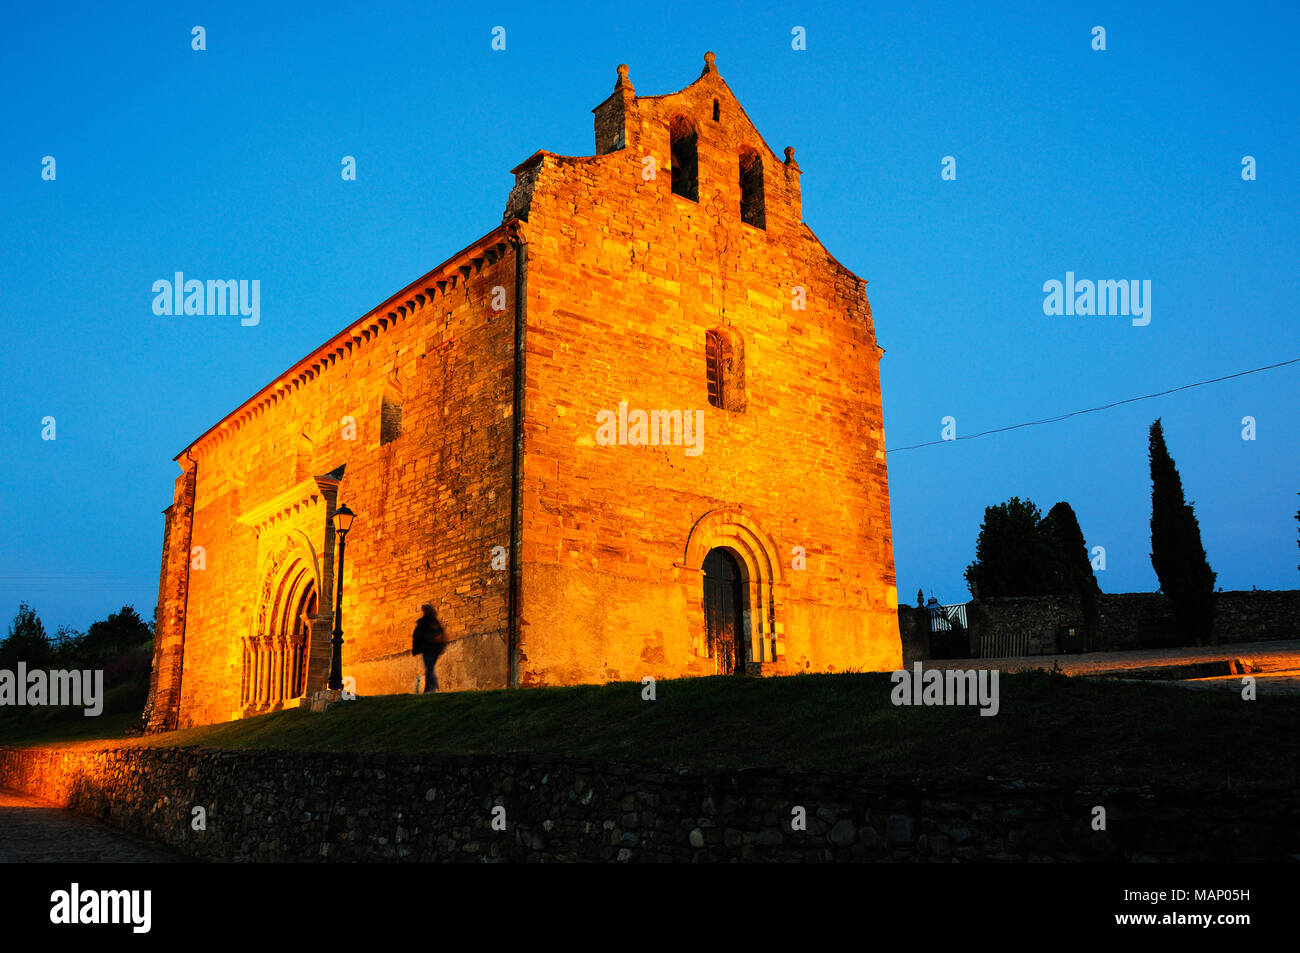 Villafranca del Bierzo, Castilla y León. Spain - Stock Image